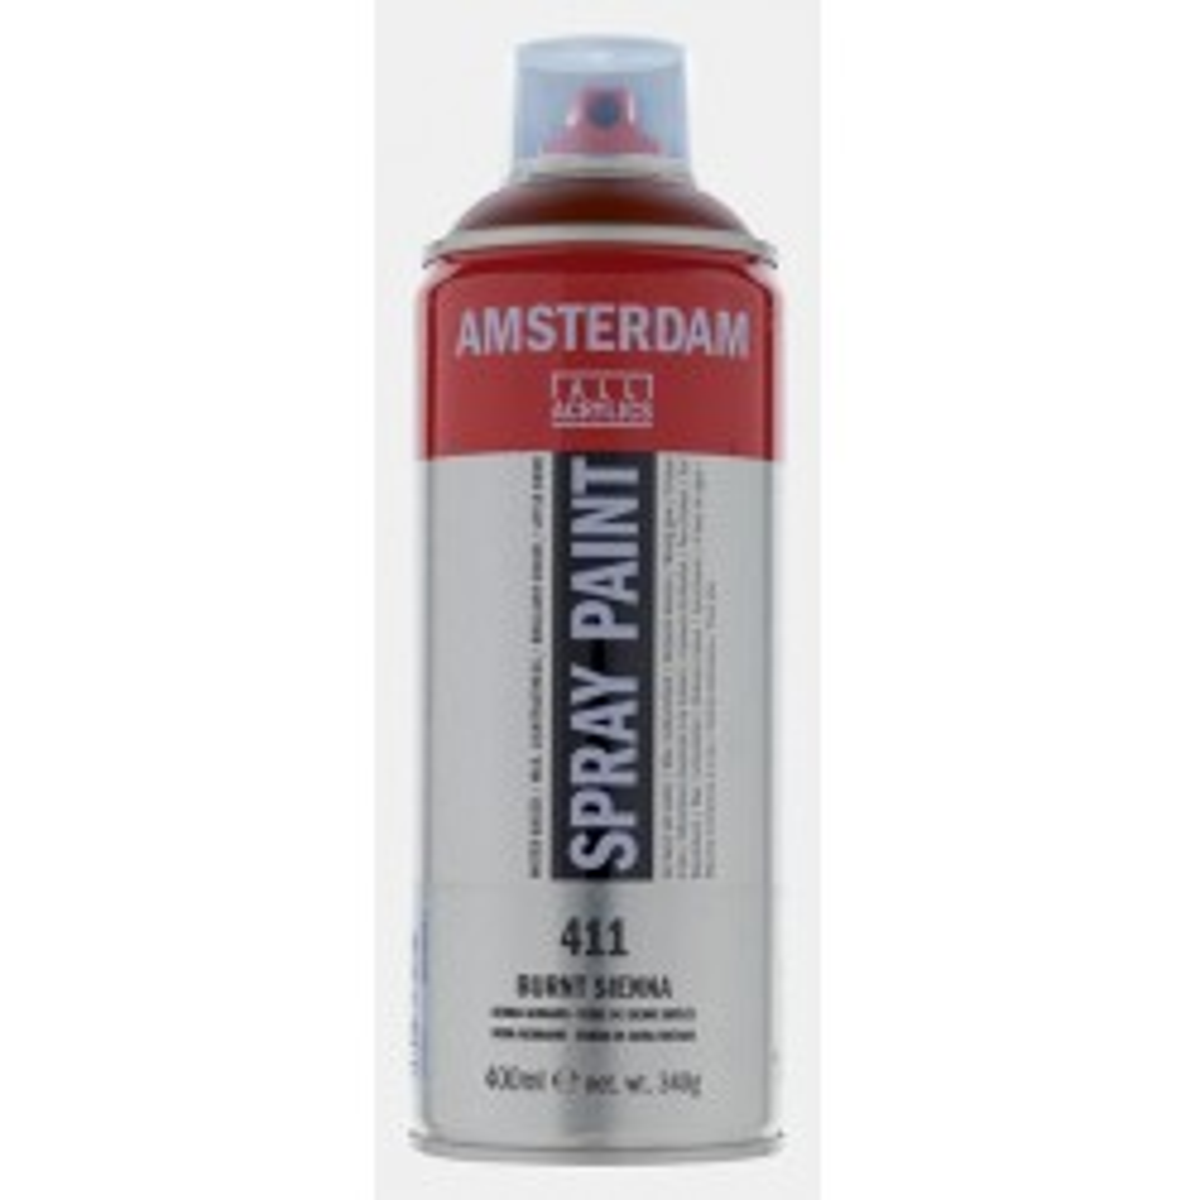 SPRAY AMSTERDAM TALENS 411...